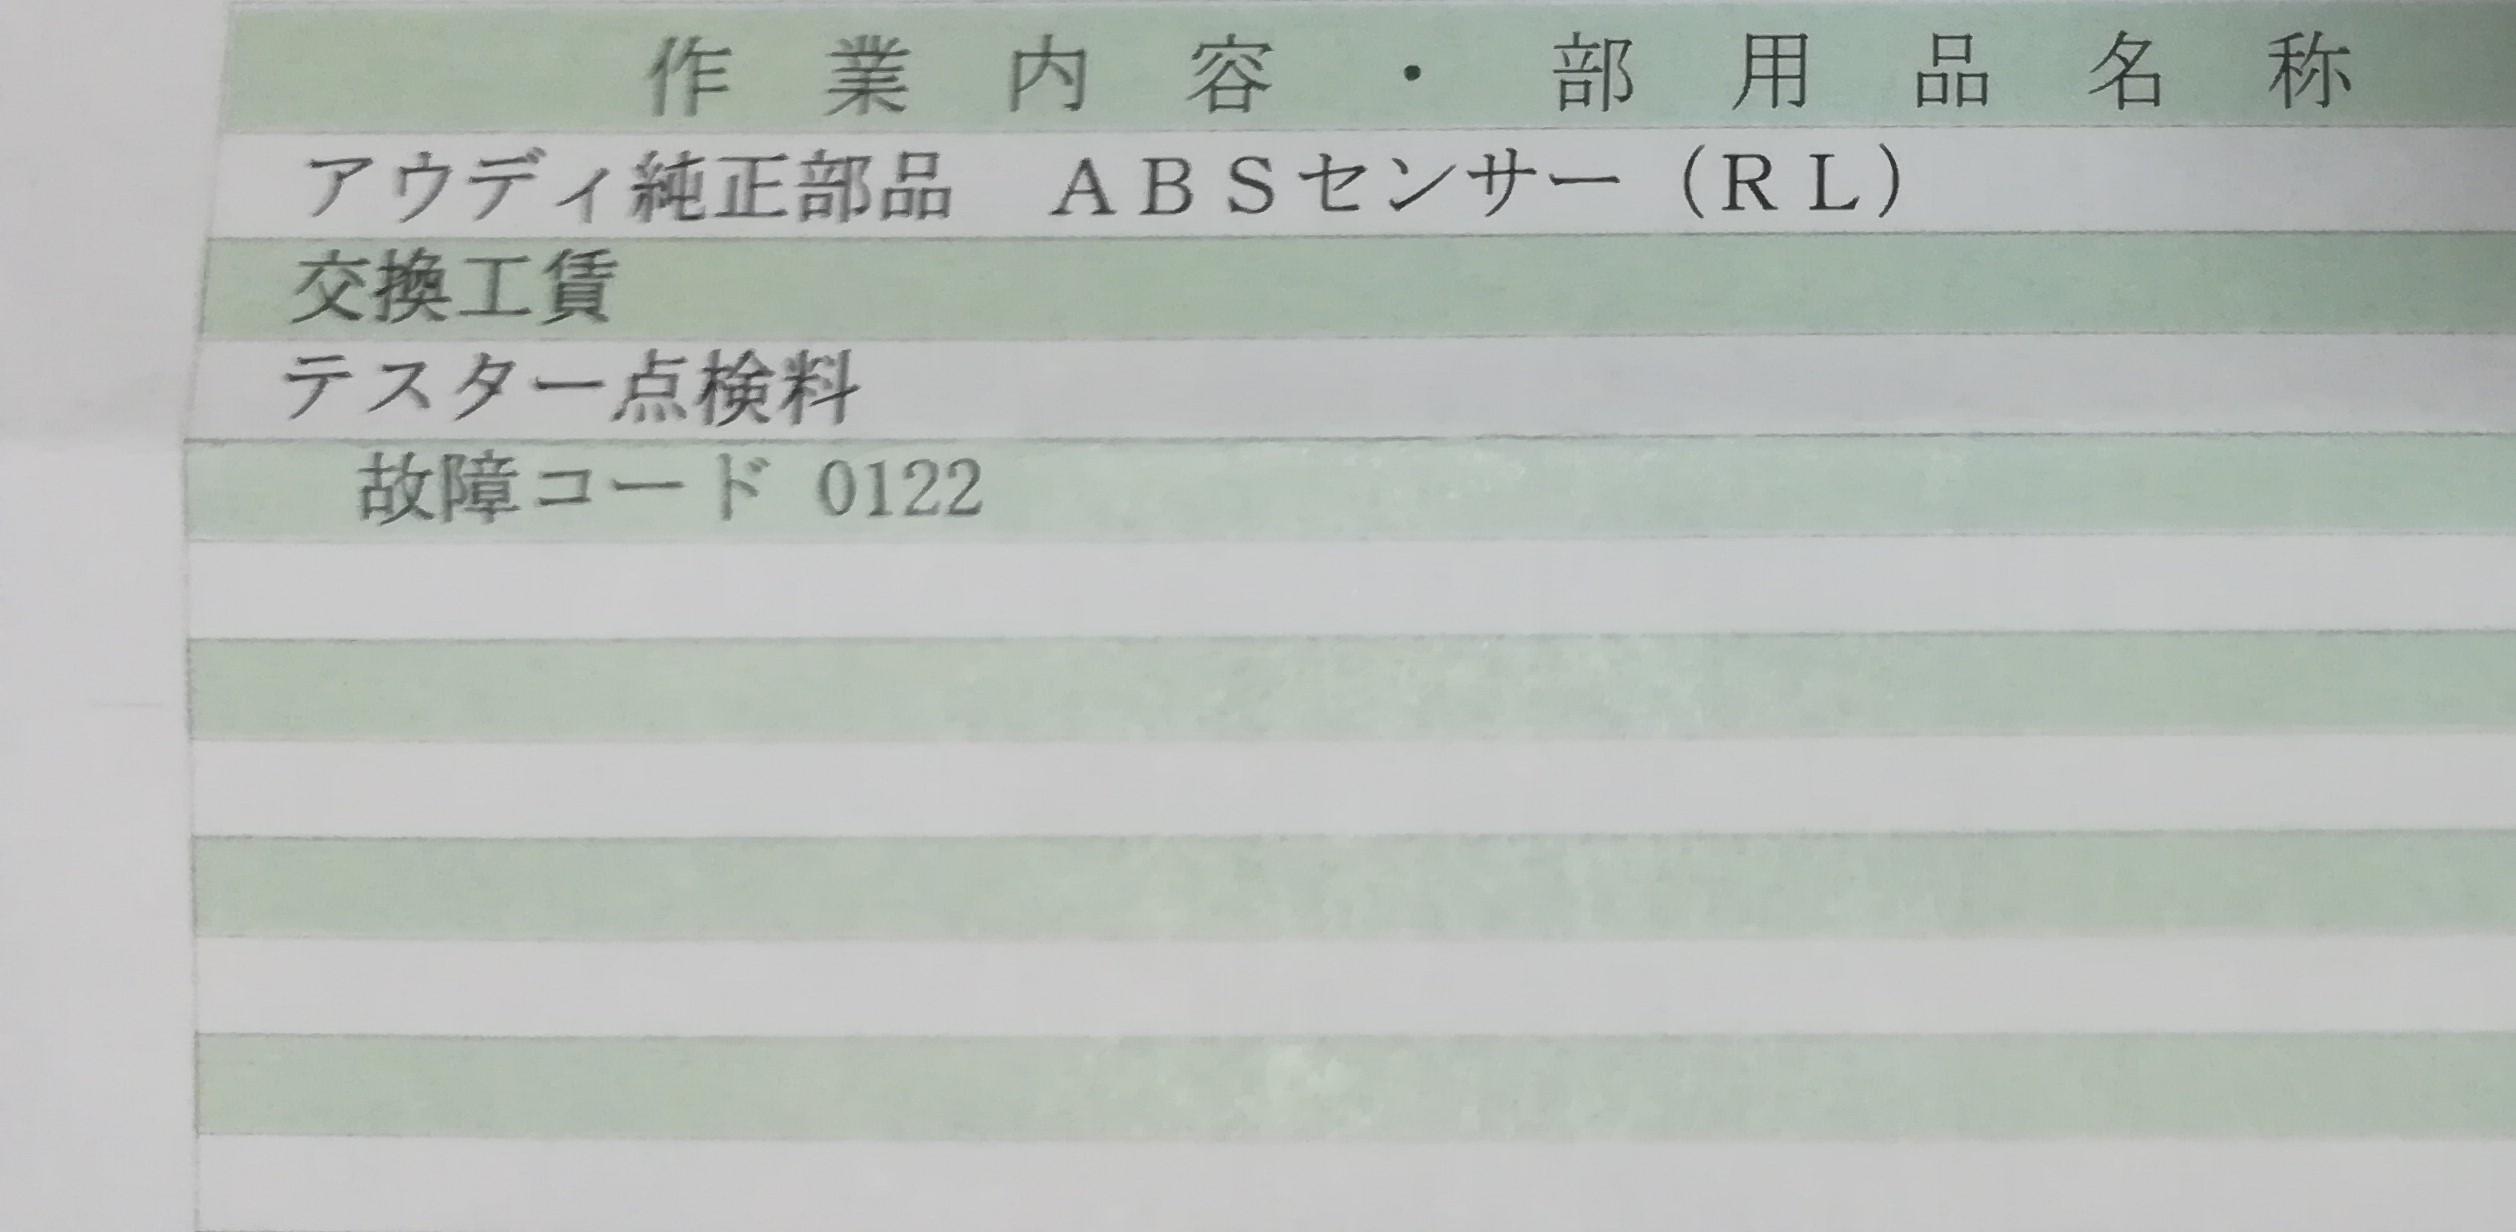 プラズマダイレクト取付・ABSセンサー交換